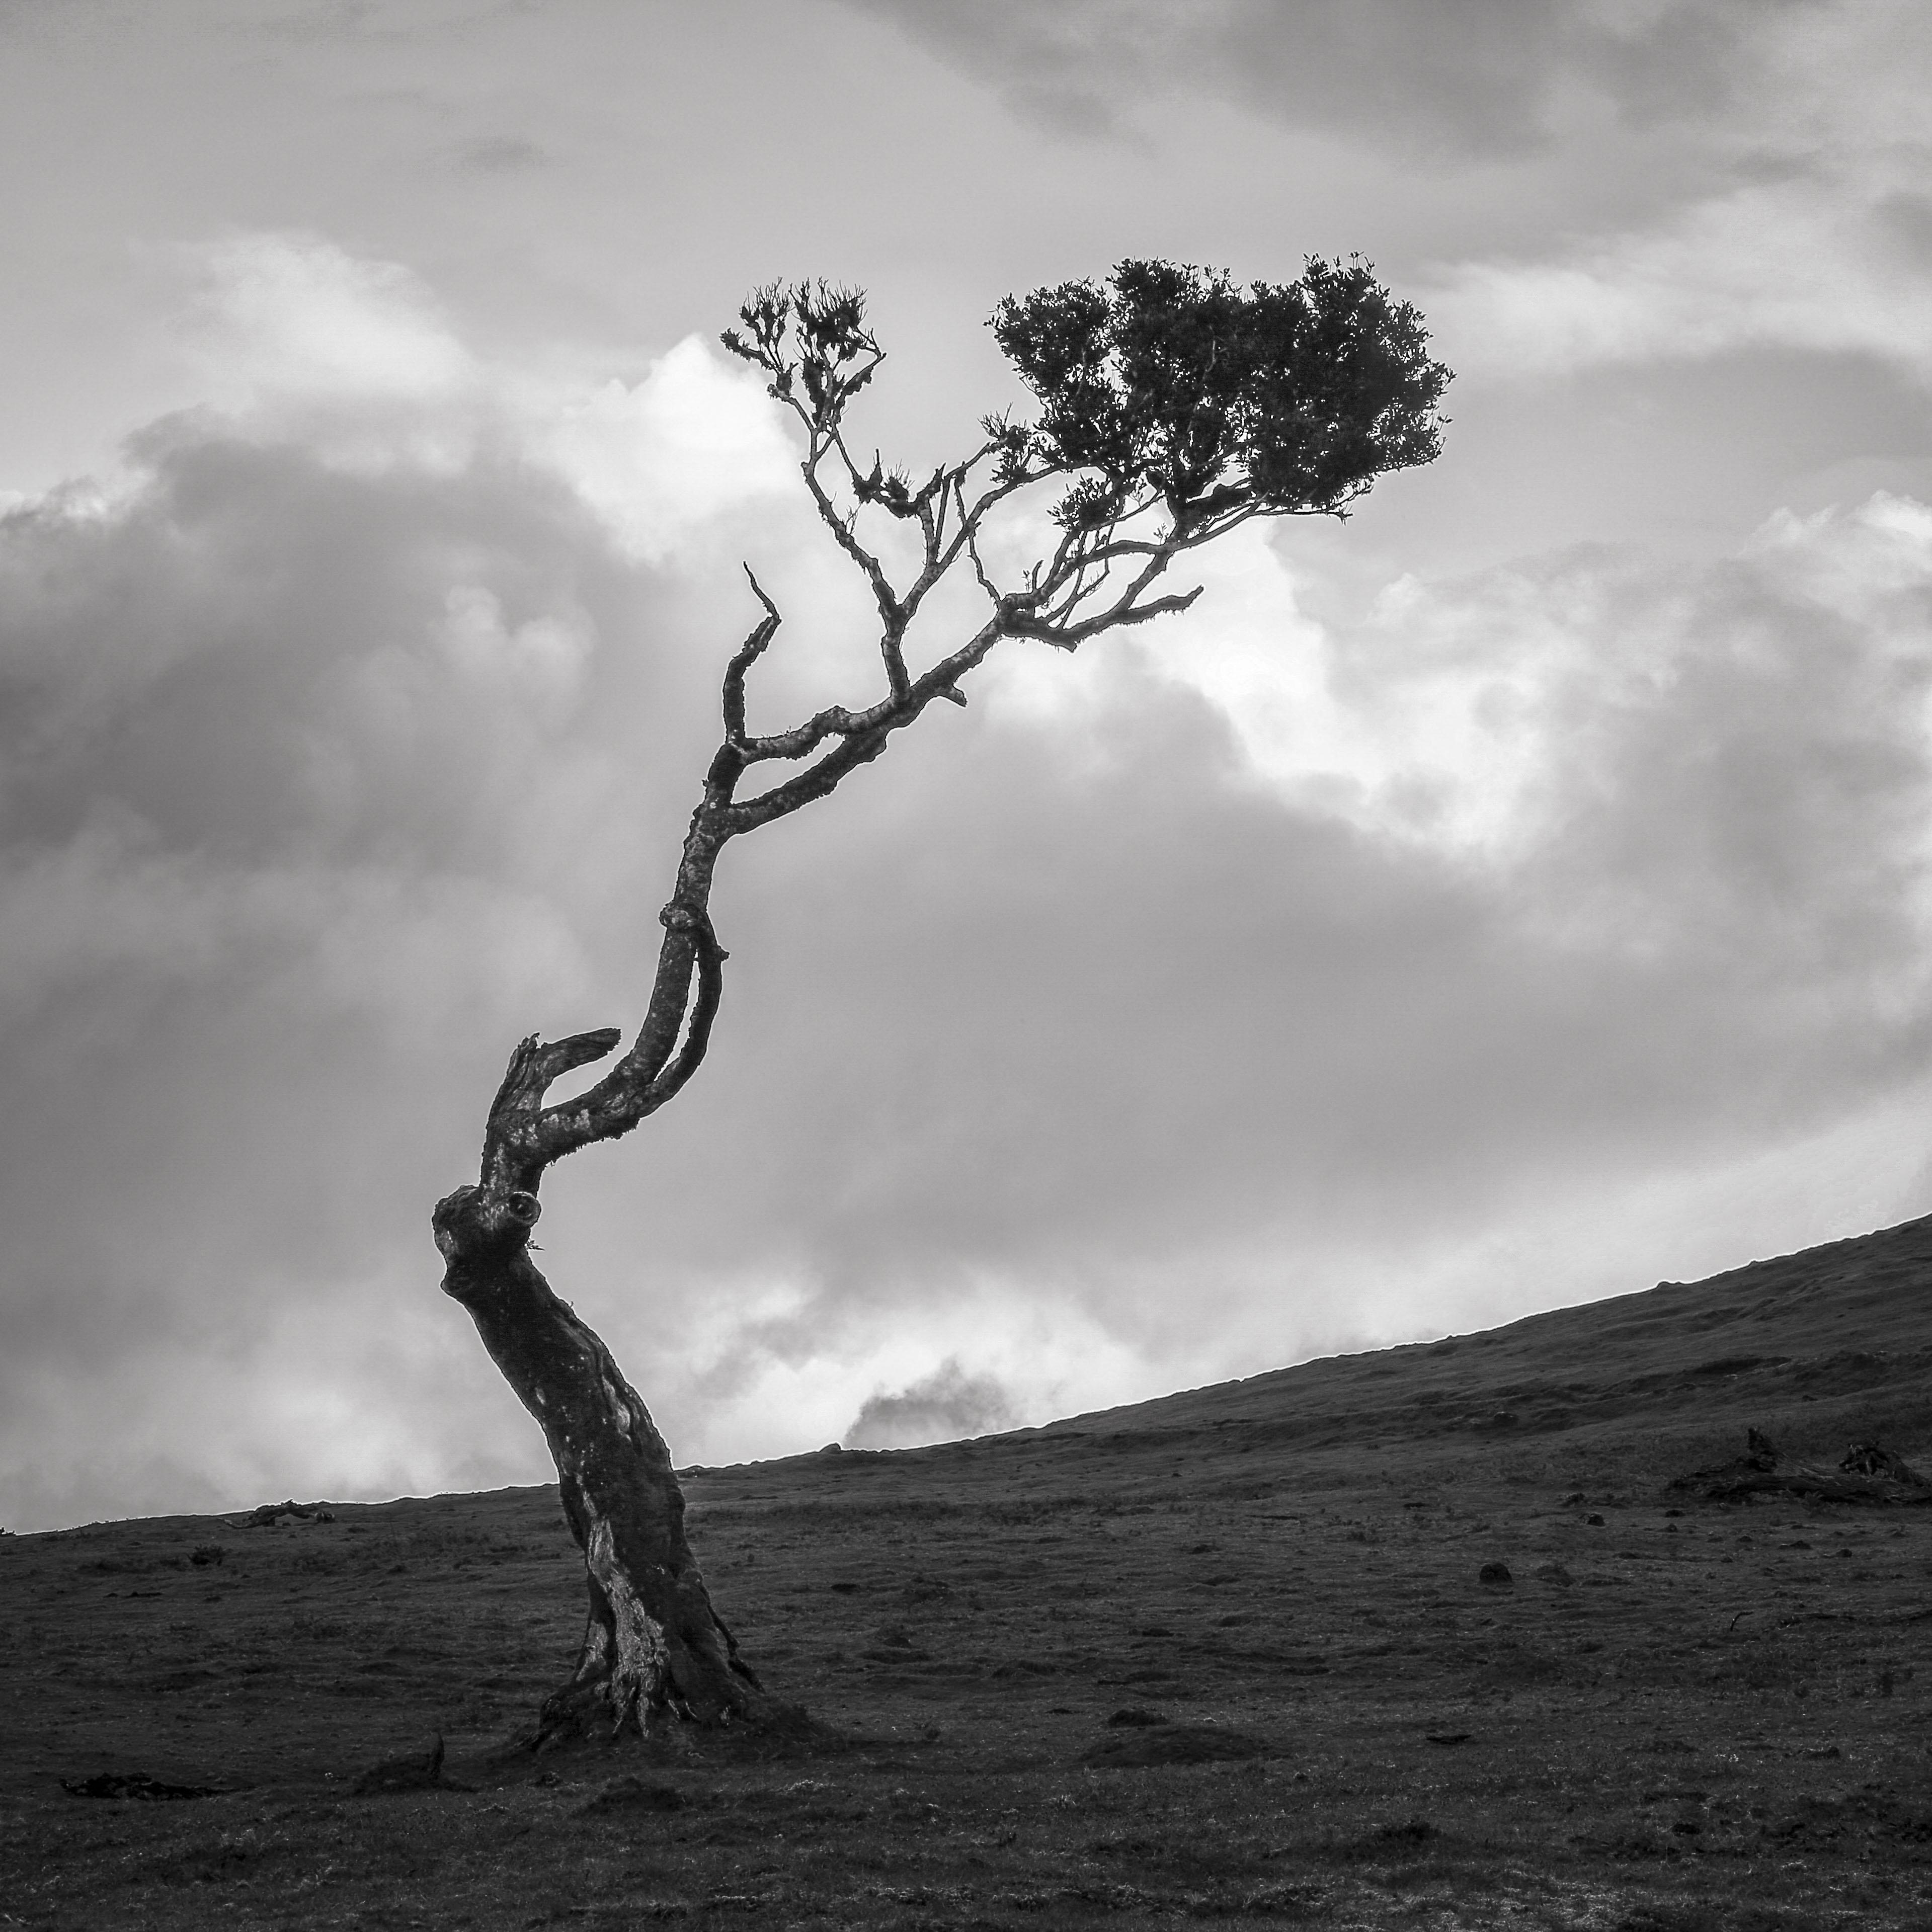 Stinkwood-tree-VI